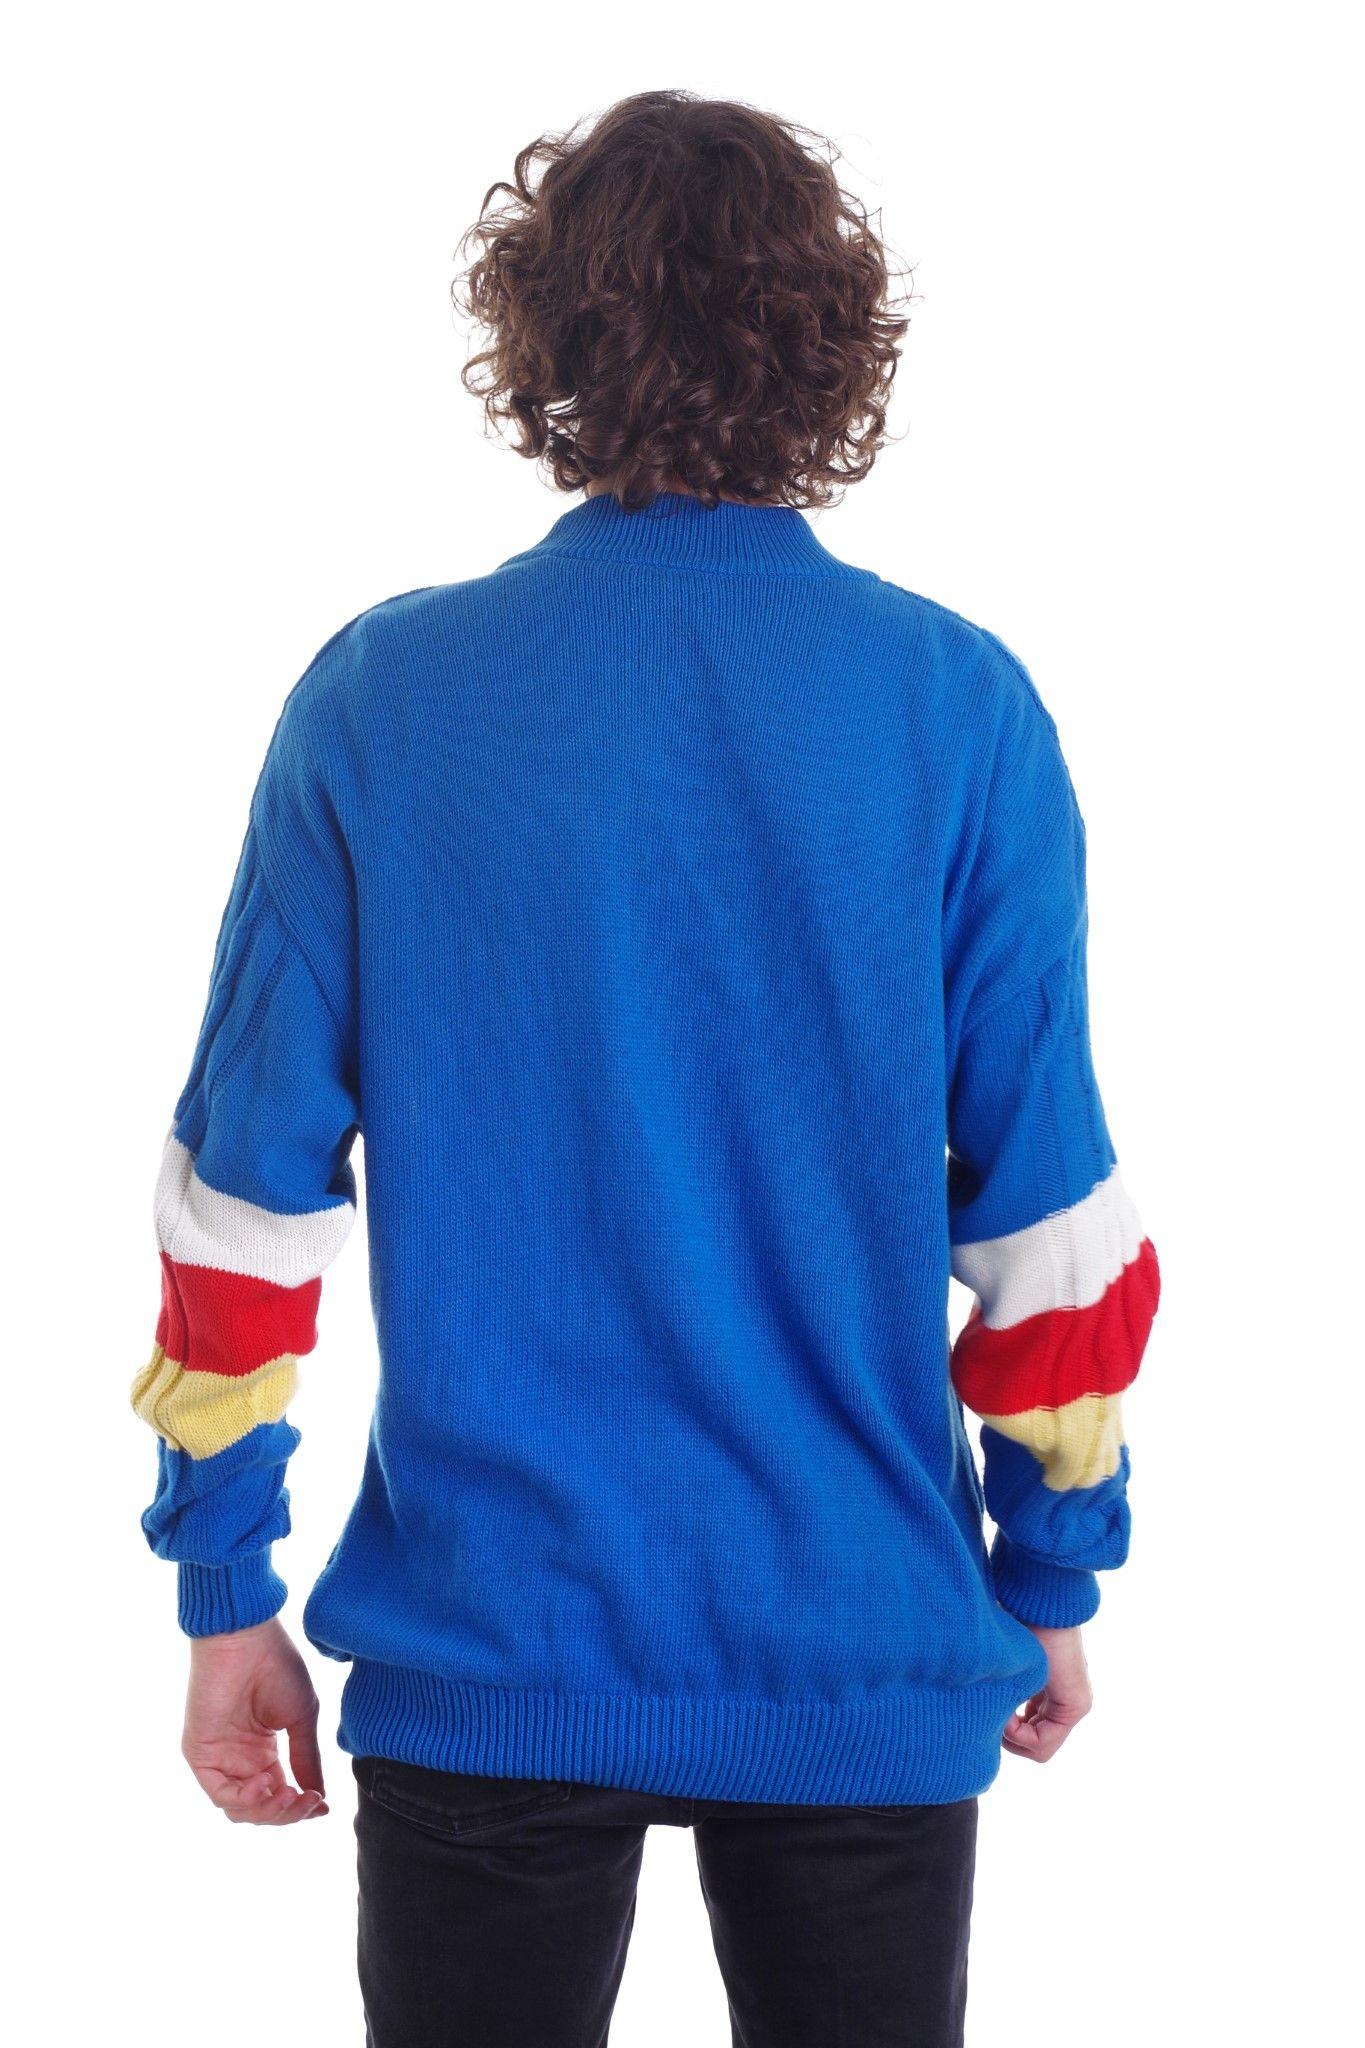 Długa bluza Go for it marki FREEPORT - KEX Vintage Store   JestemSlow.pl